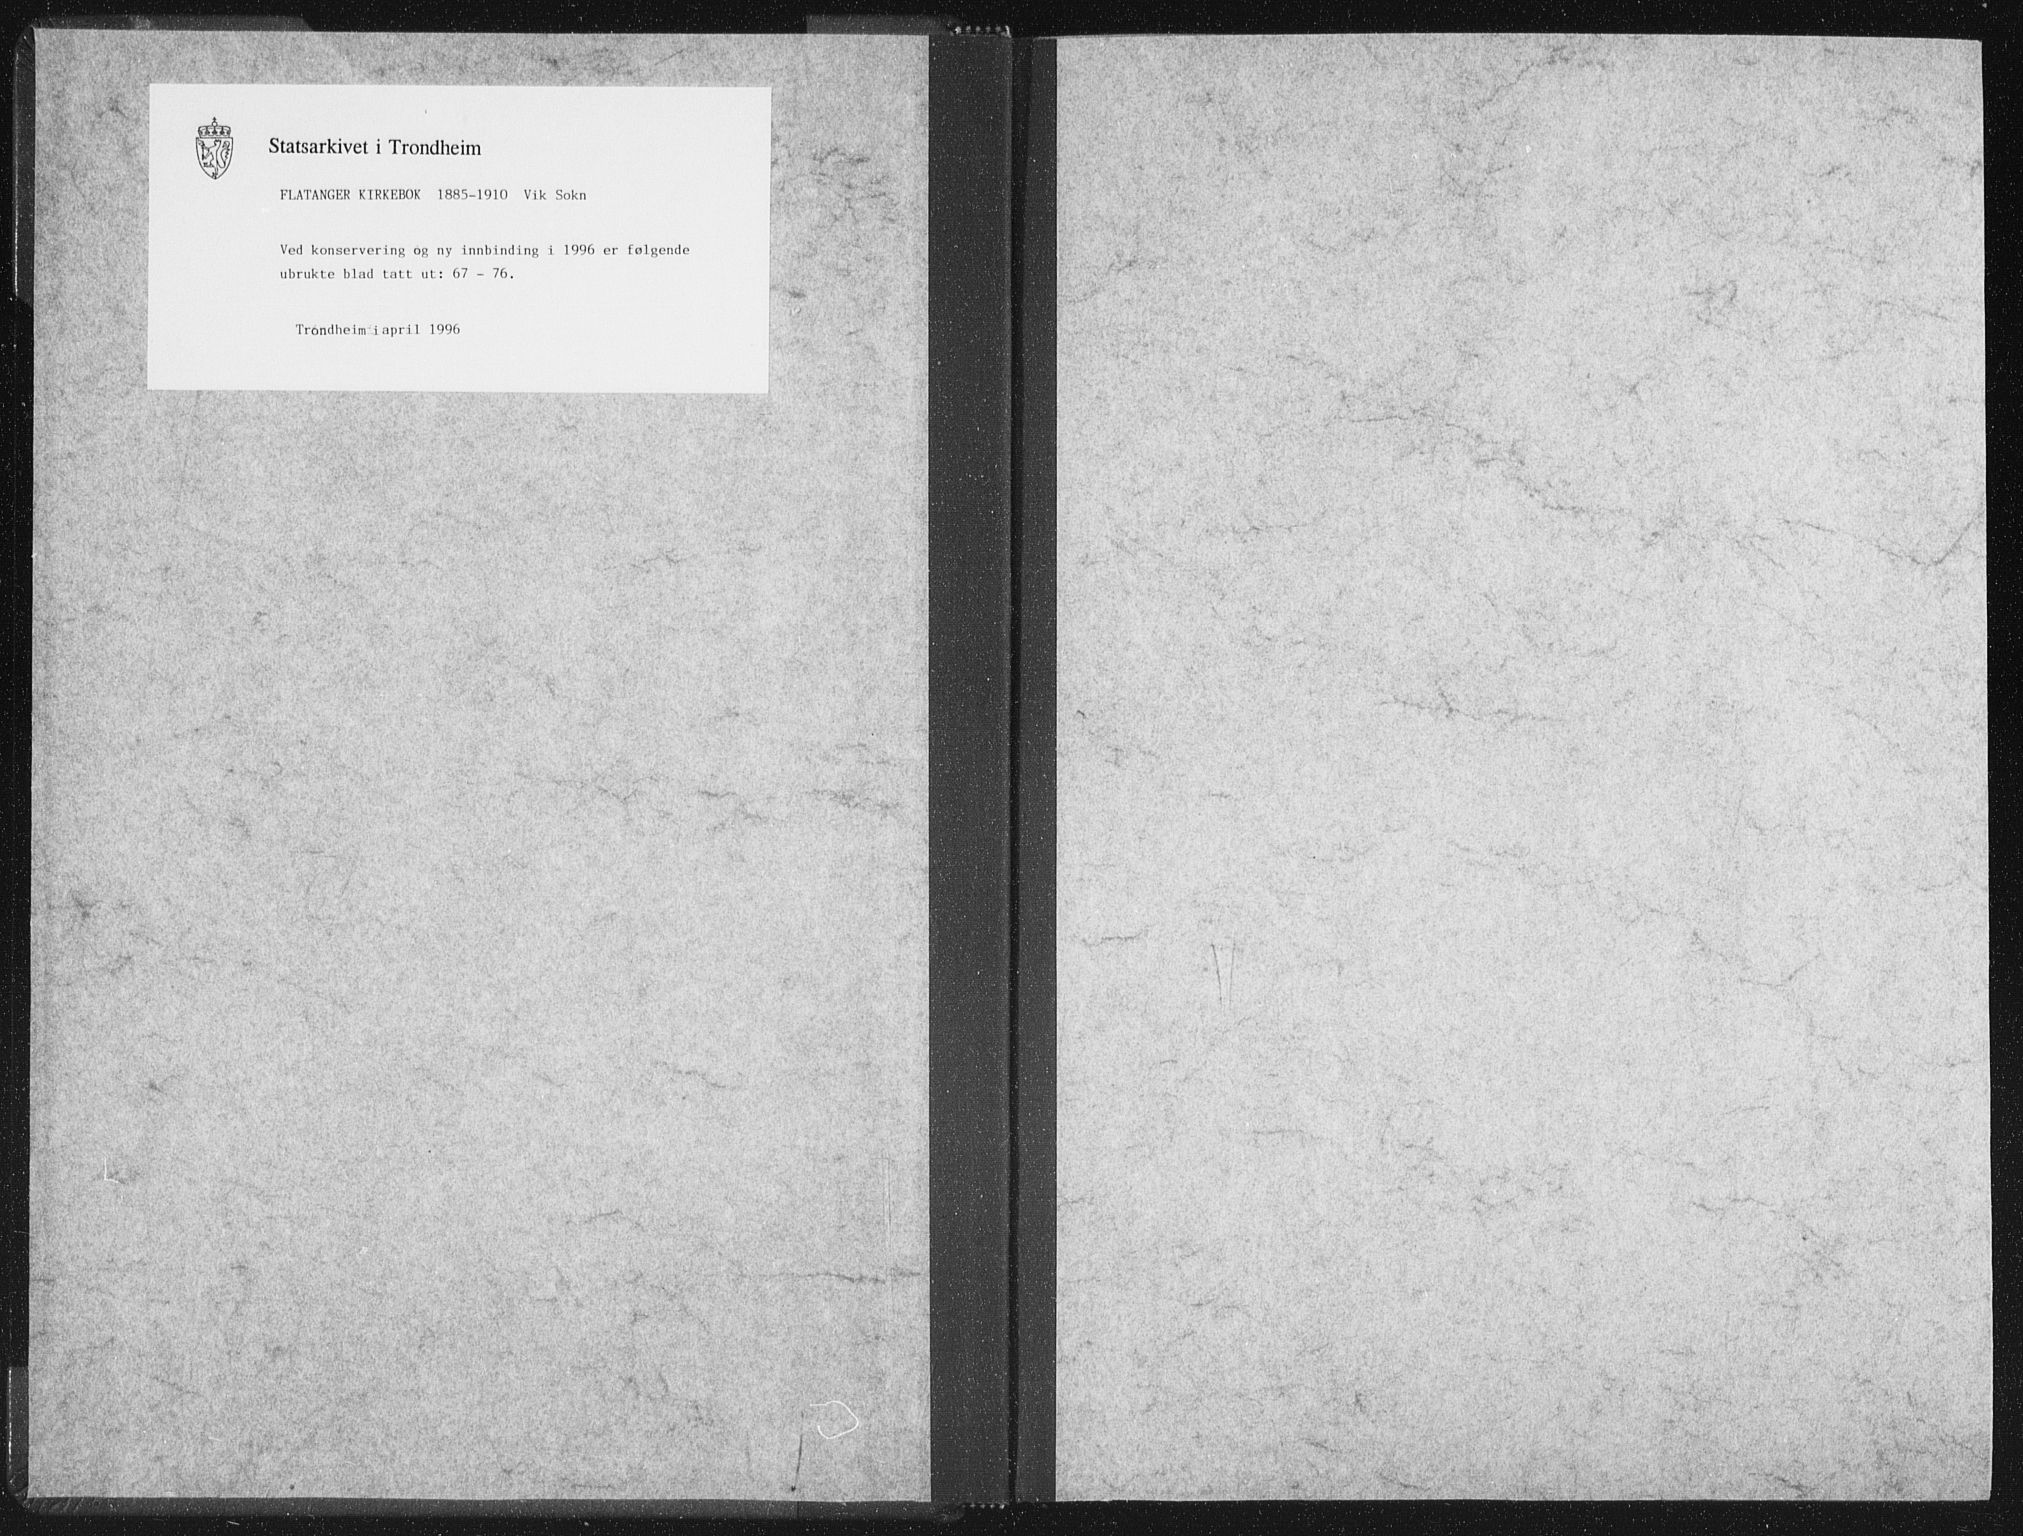 SAT, Ministerialprotokoller, klokkerbøker og fødselsregistre - Nord-Trøndelag, 771/L0597: Ministerialbok nr. 771A04, 1885-1910